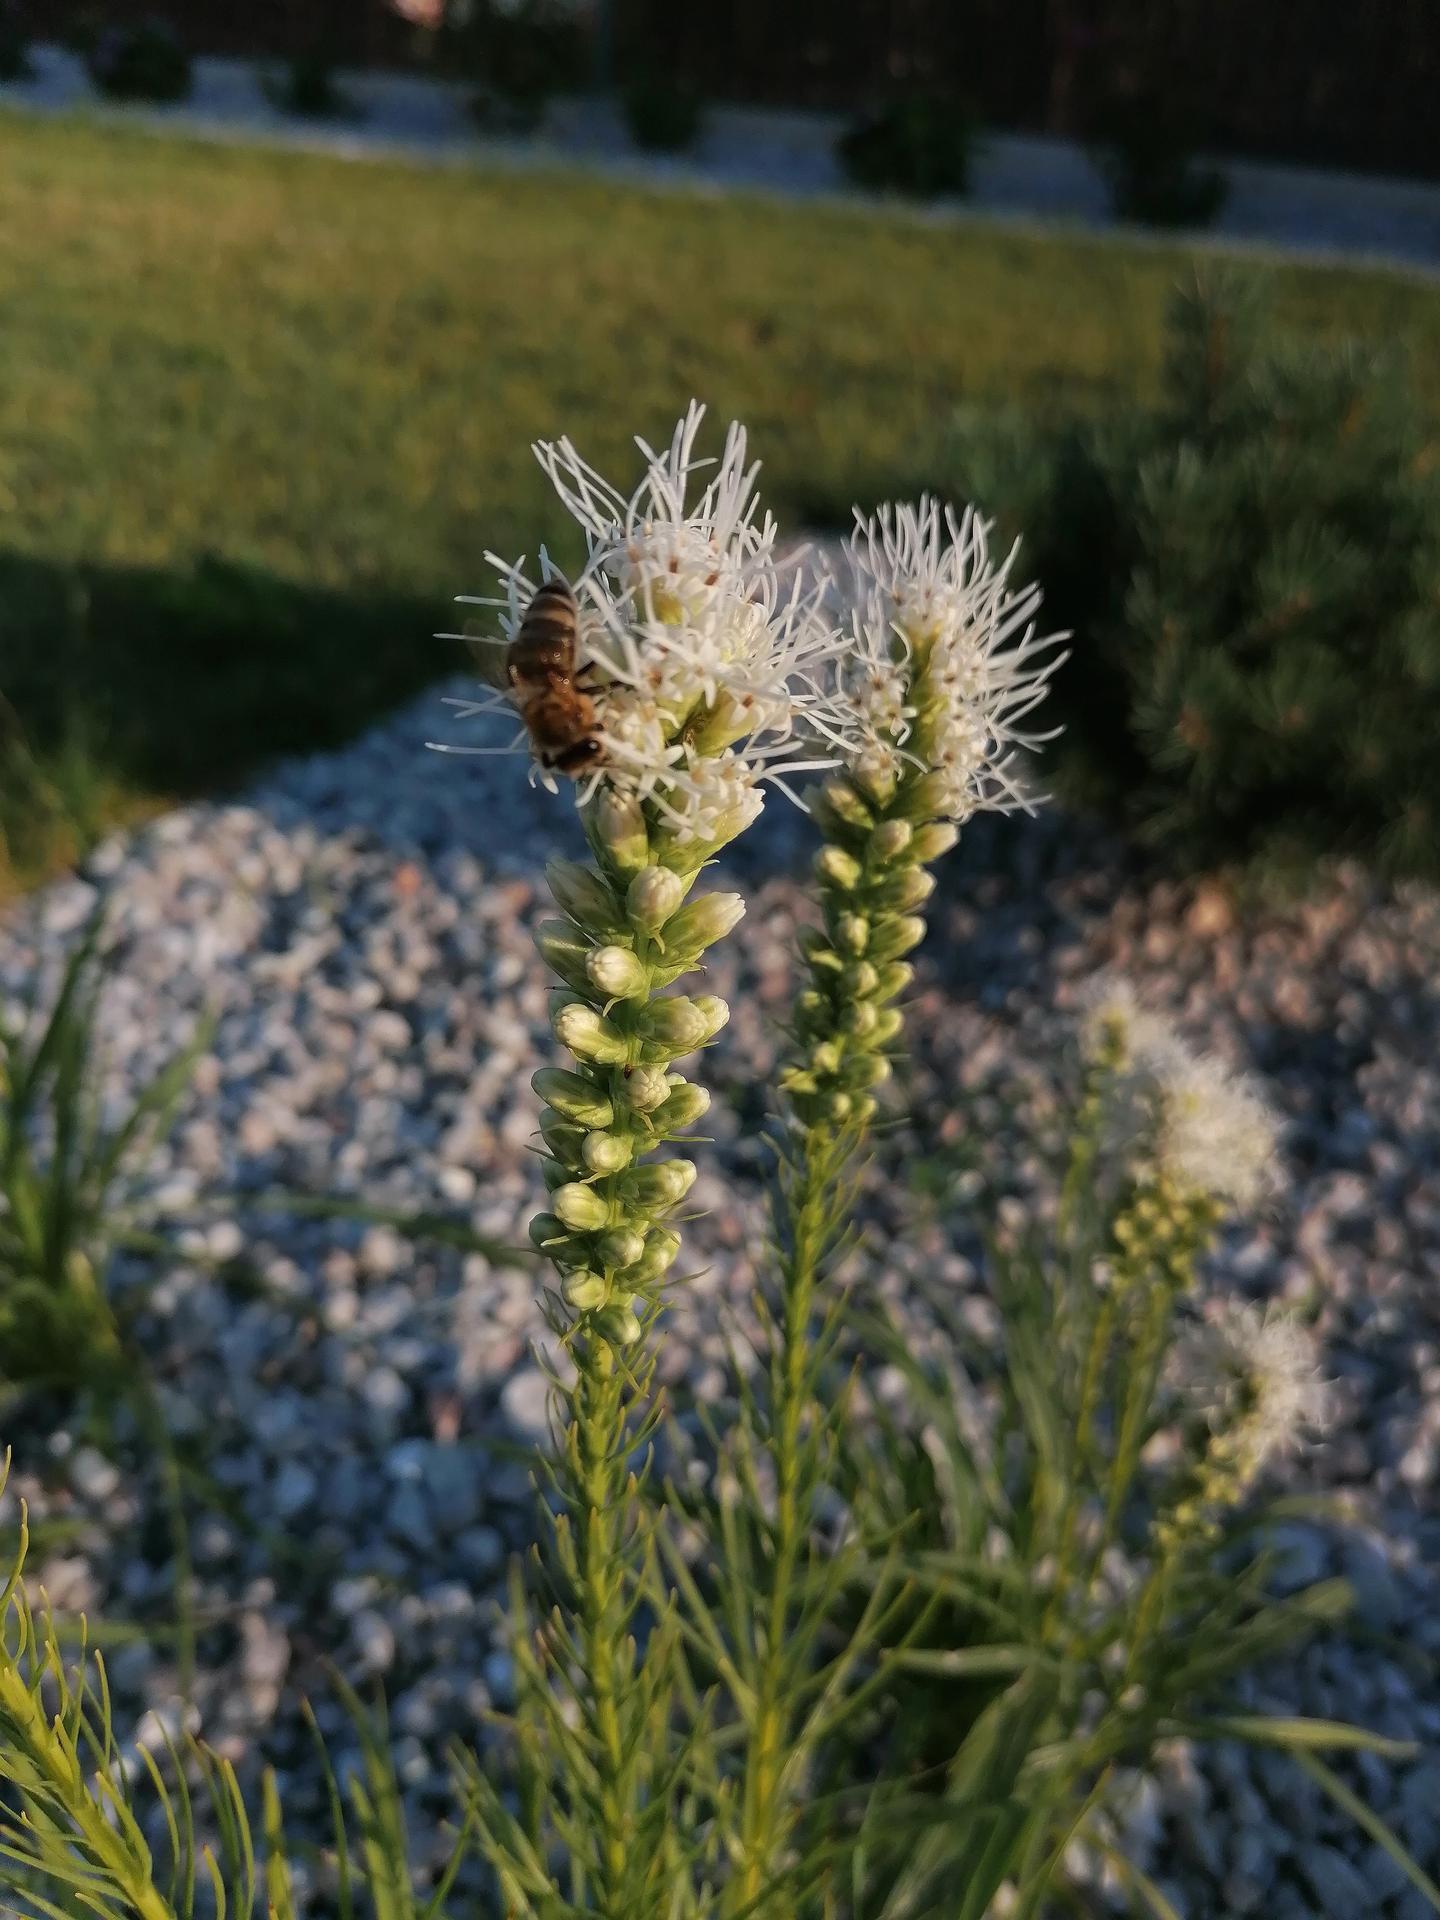 Začínáme se zahrádkou - Šuškarda už krásně kvete a láká včely